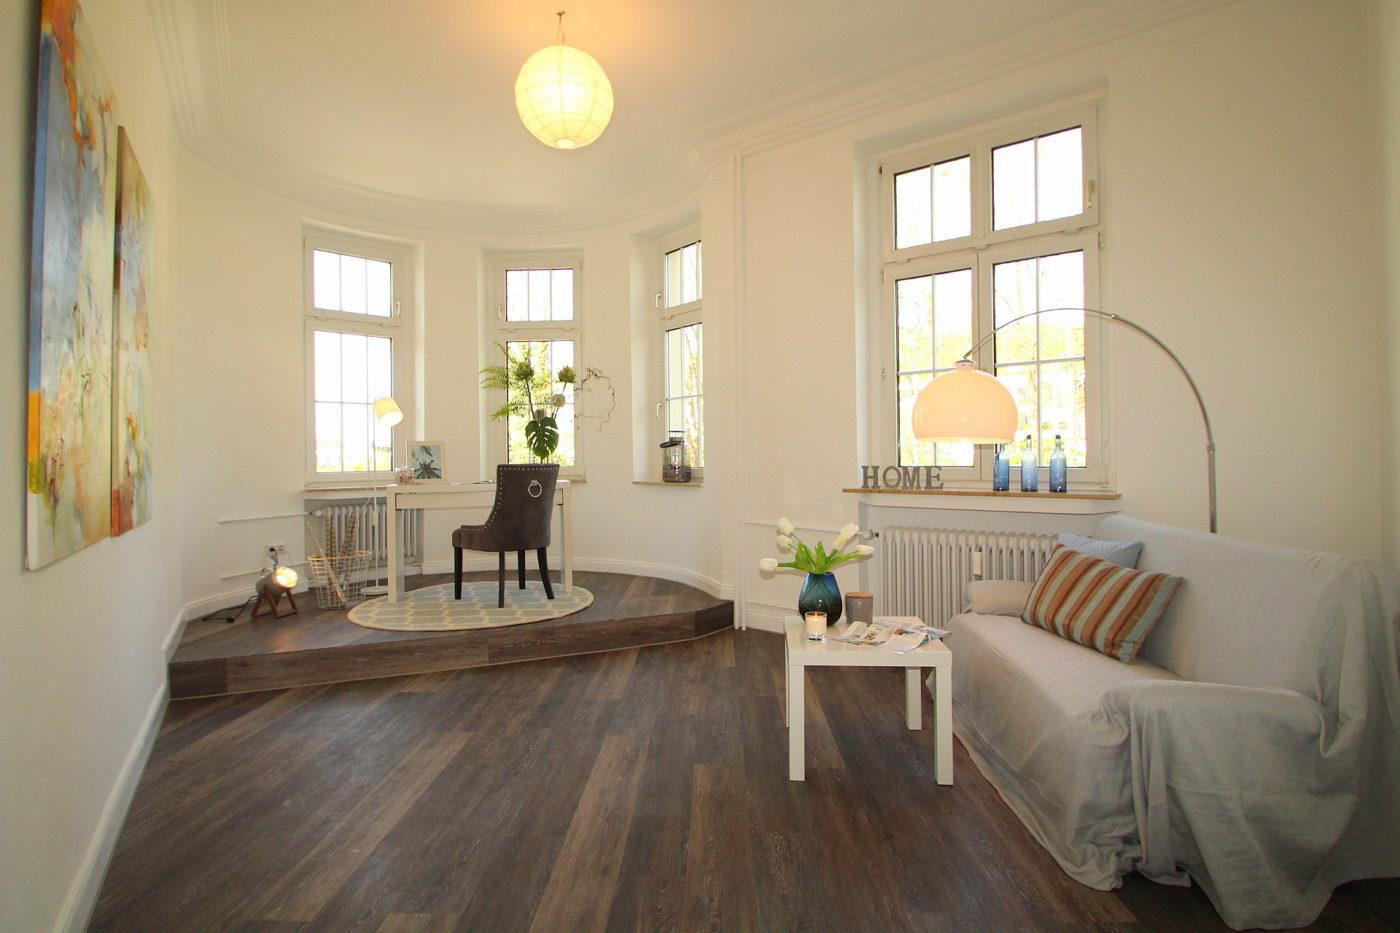 Nachher Foto Blickfang Homestaging Soest. Überzeugende Immobilienpräsentation für Ein- und Verkauf